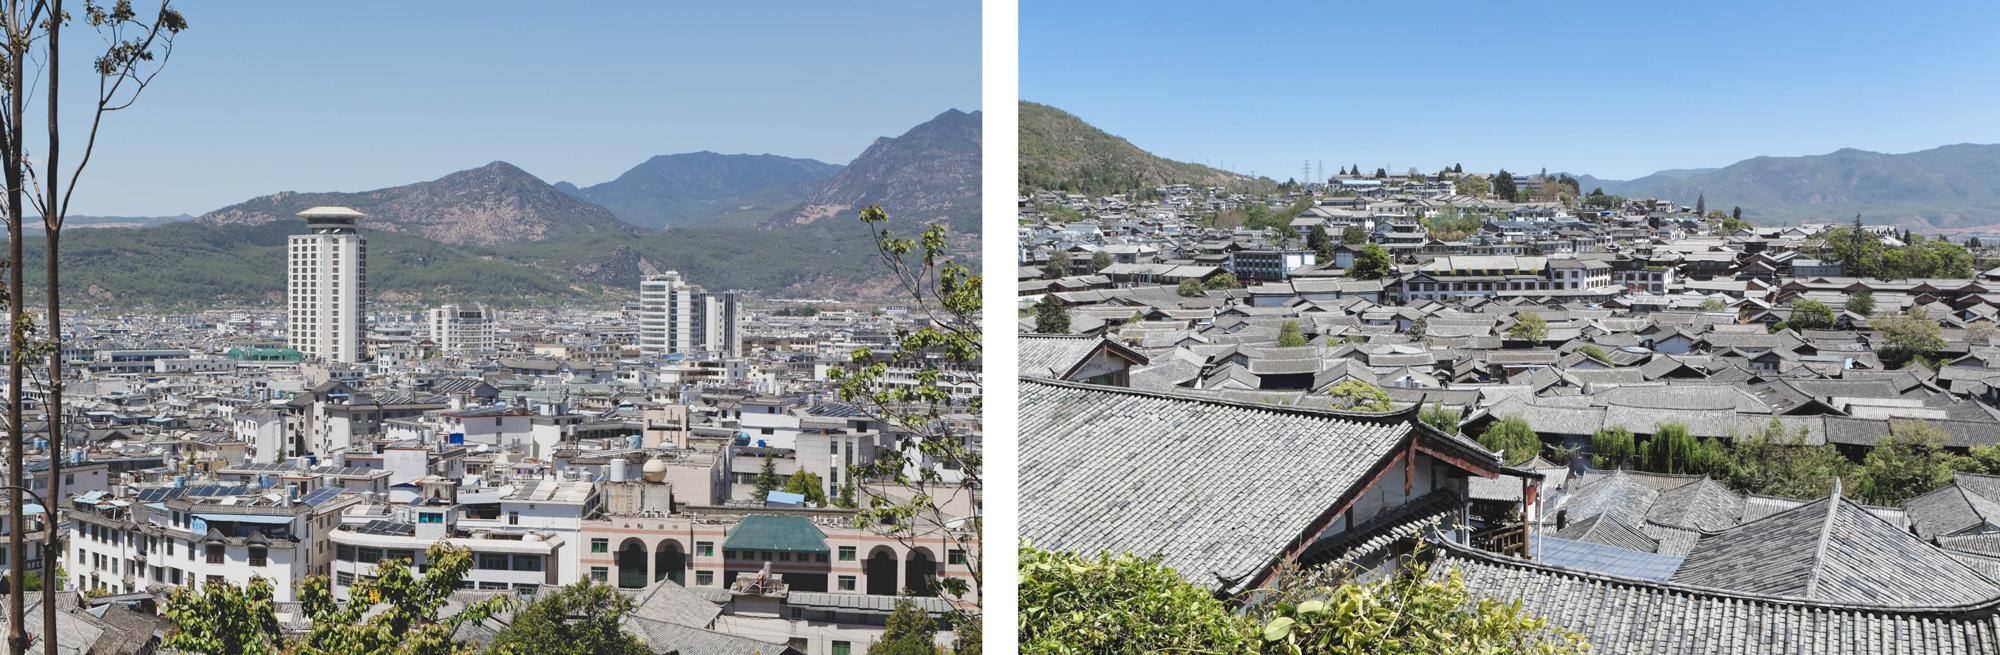 Vues sur la ville de Lijiang